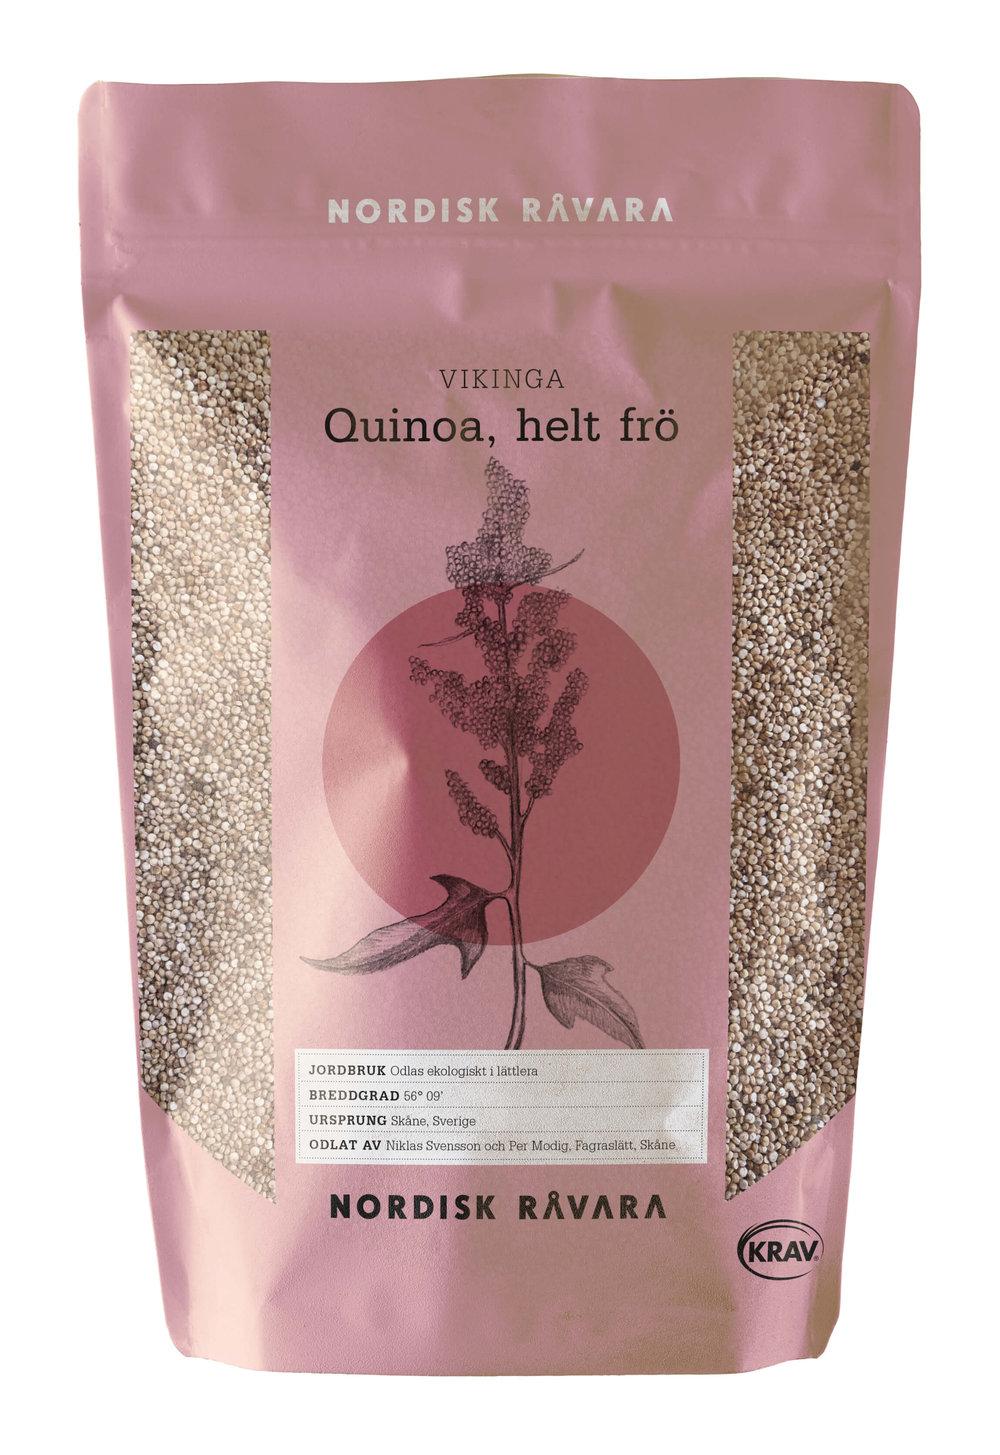 Quinoa, hel frö, Nordisk Råvara